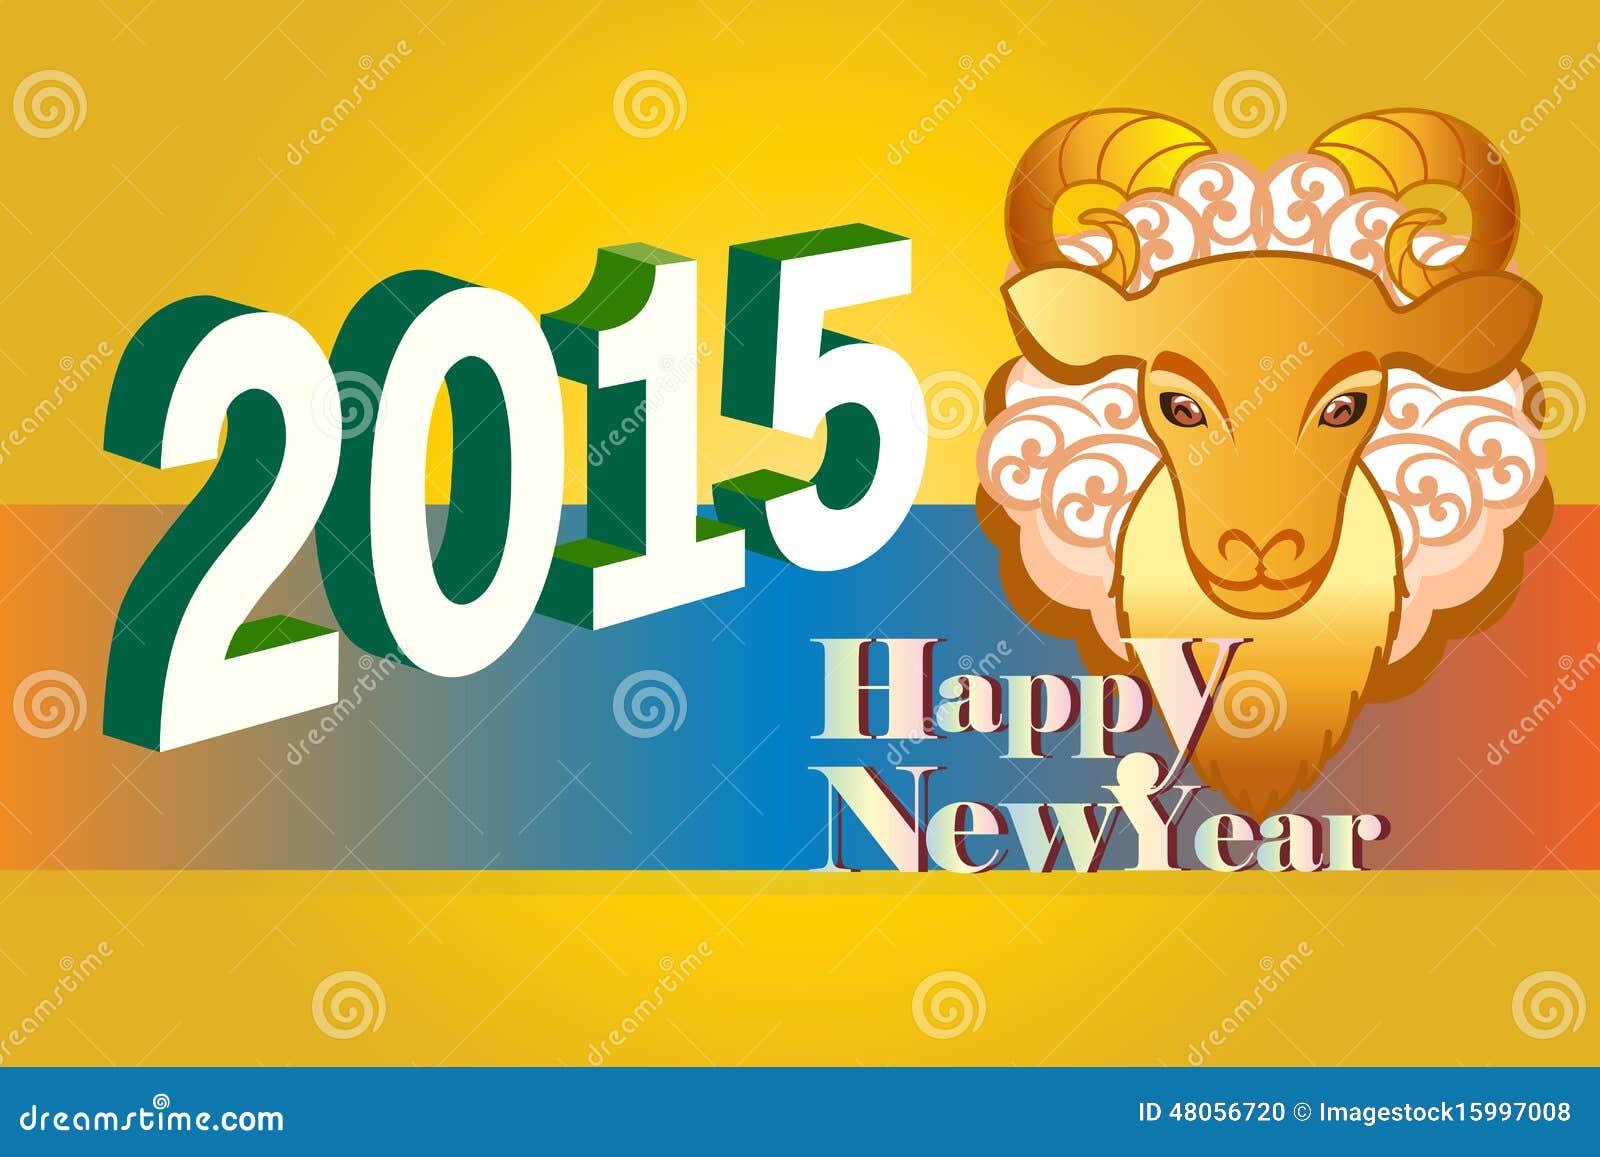 Guten Rutsch Ins Neue Jahr-Hintergrund Mit 2015 Koreanern Mit Tier ...